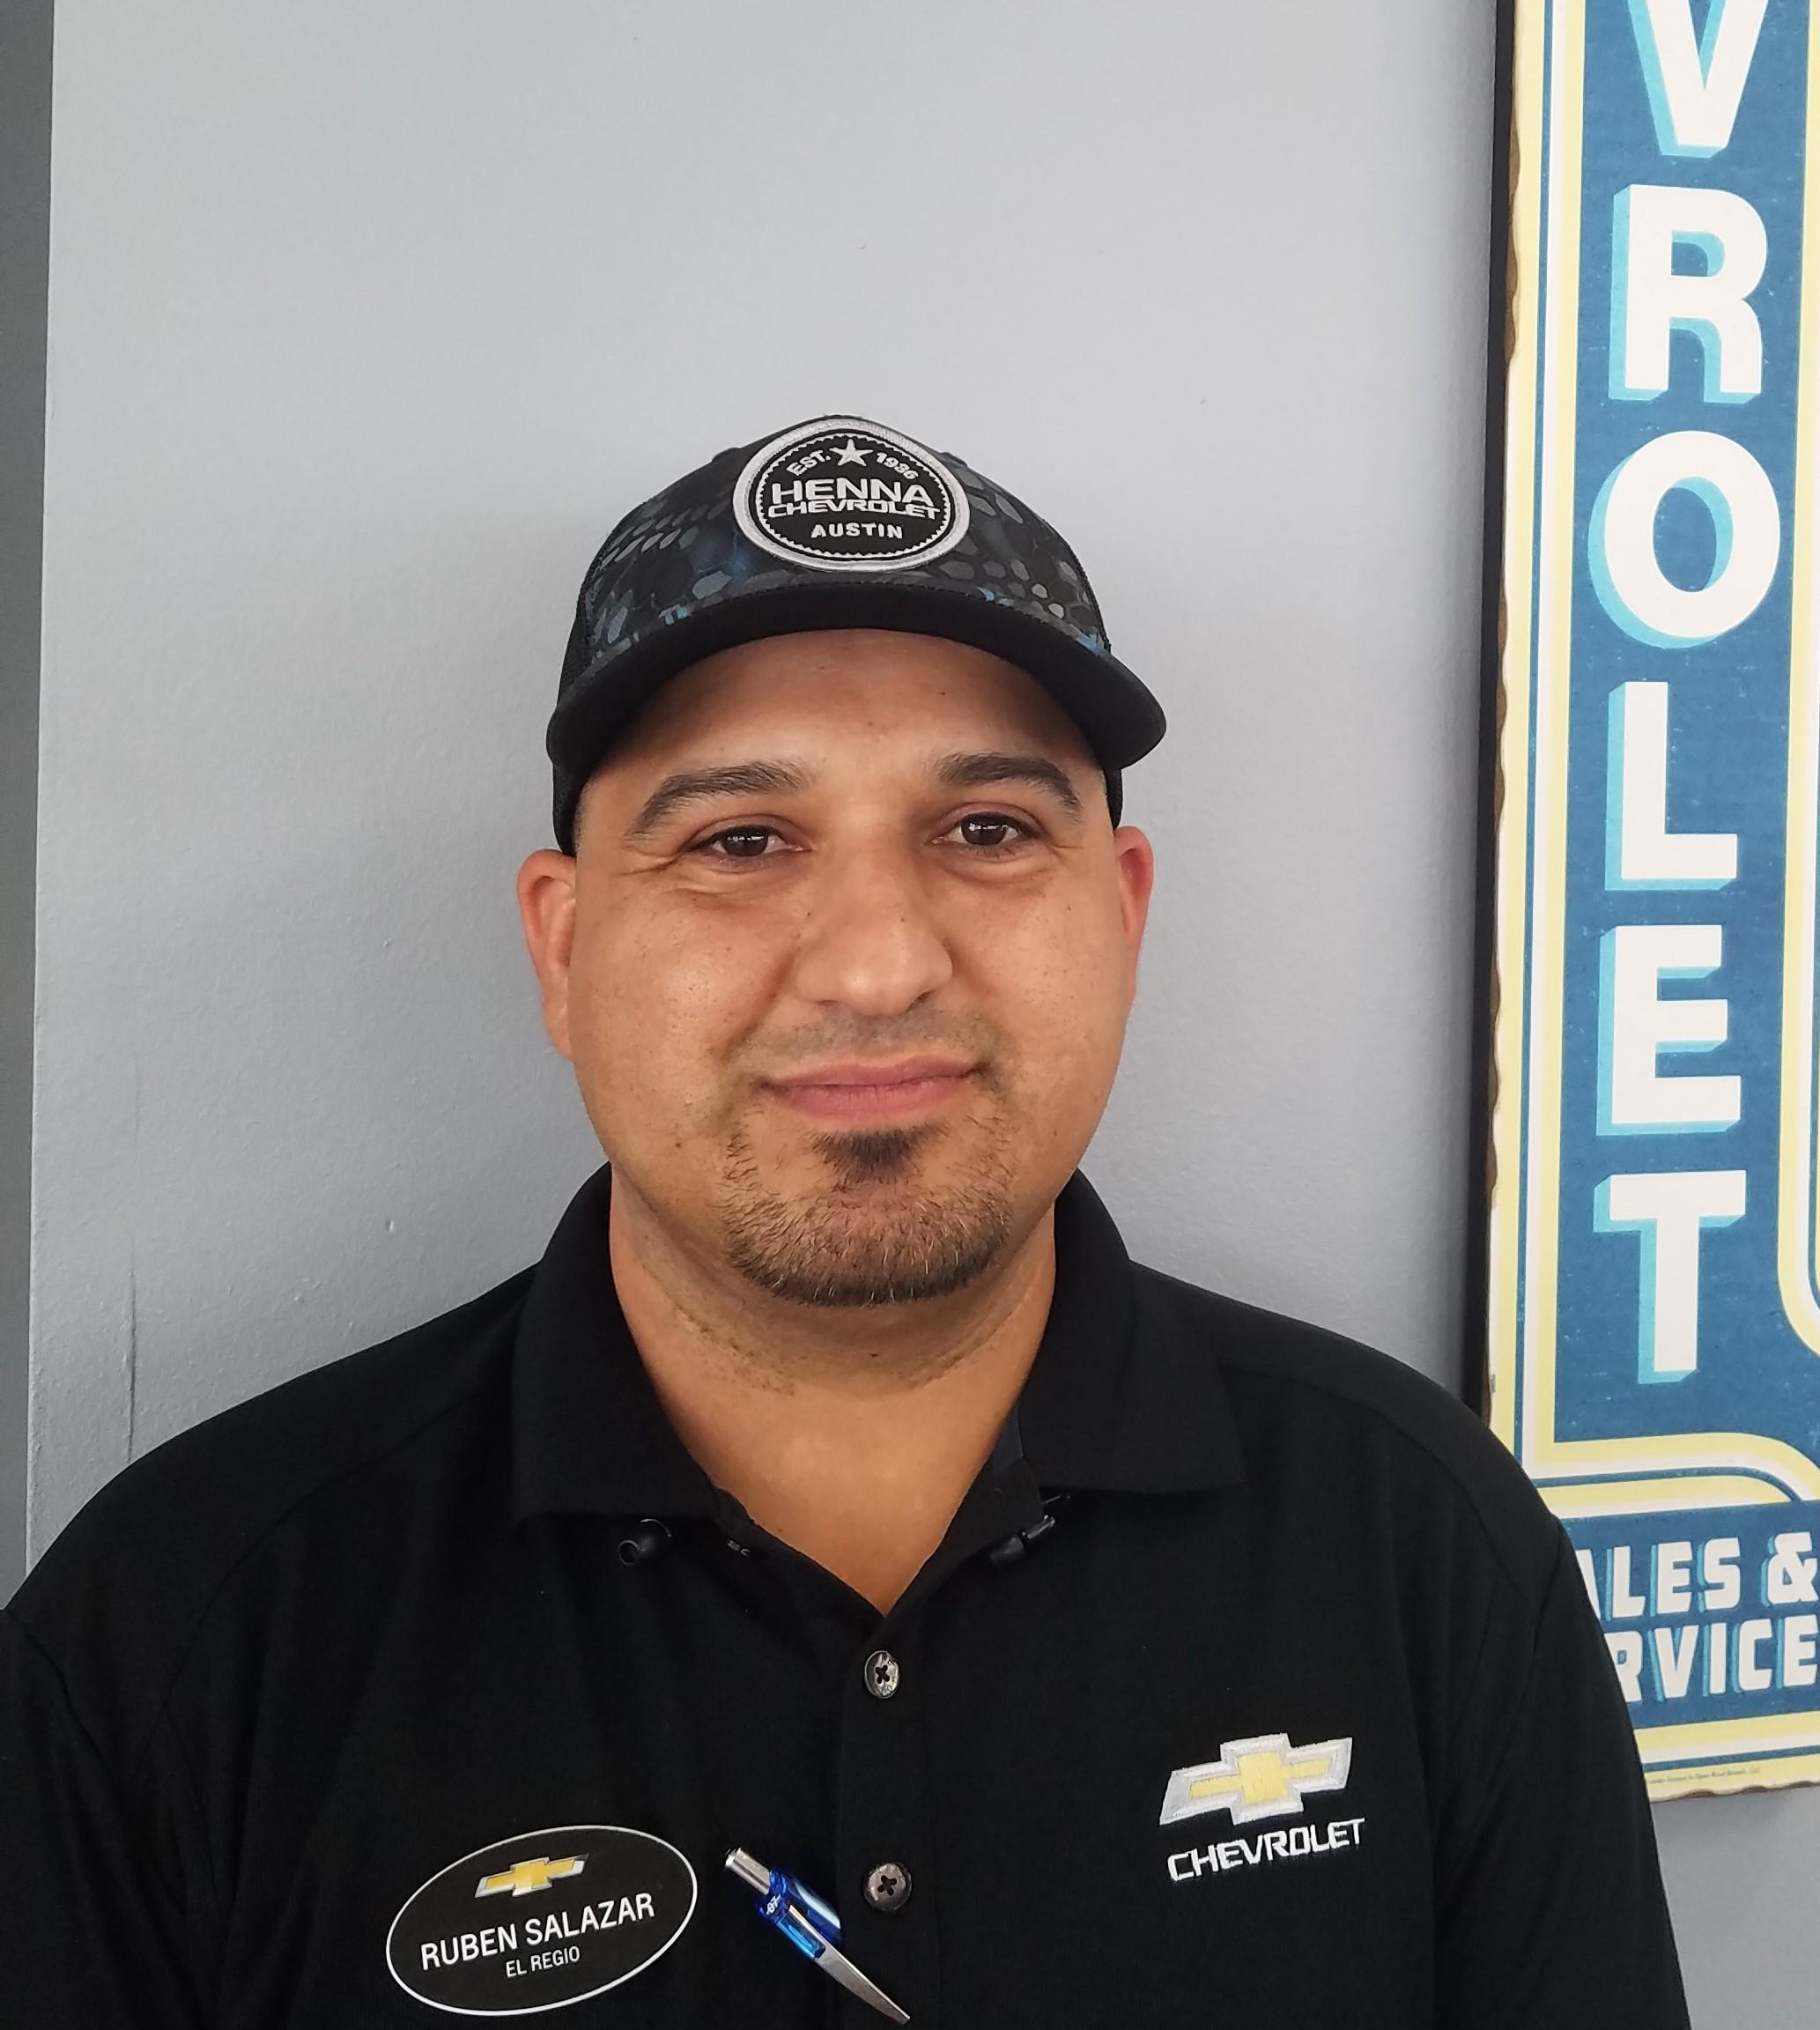 Ruben Salazar Bio Image